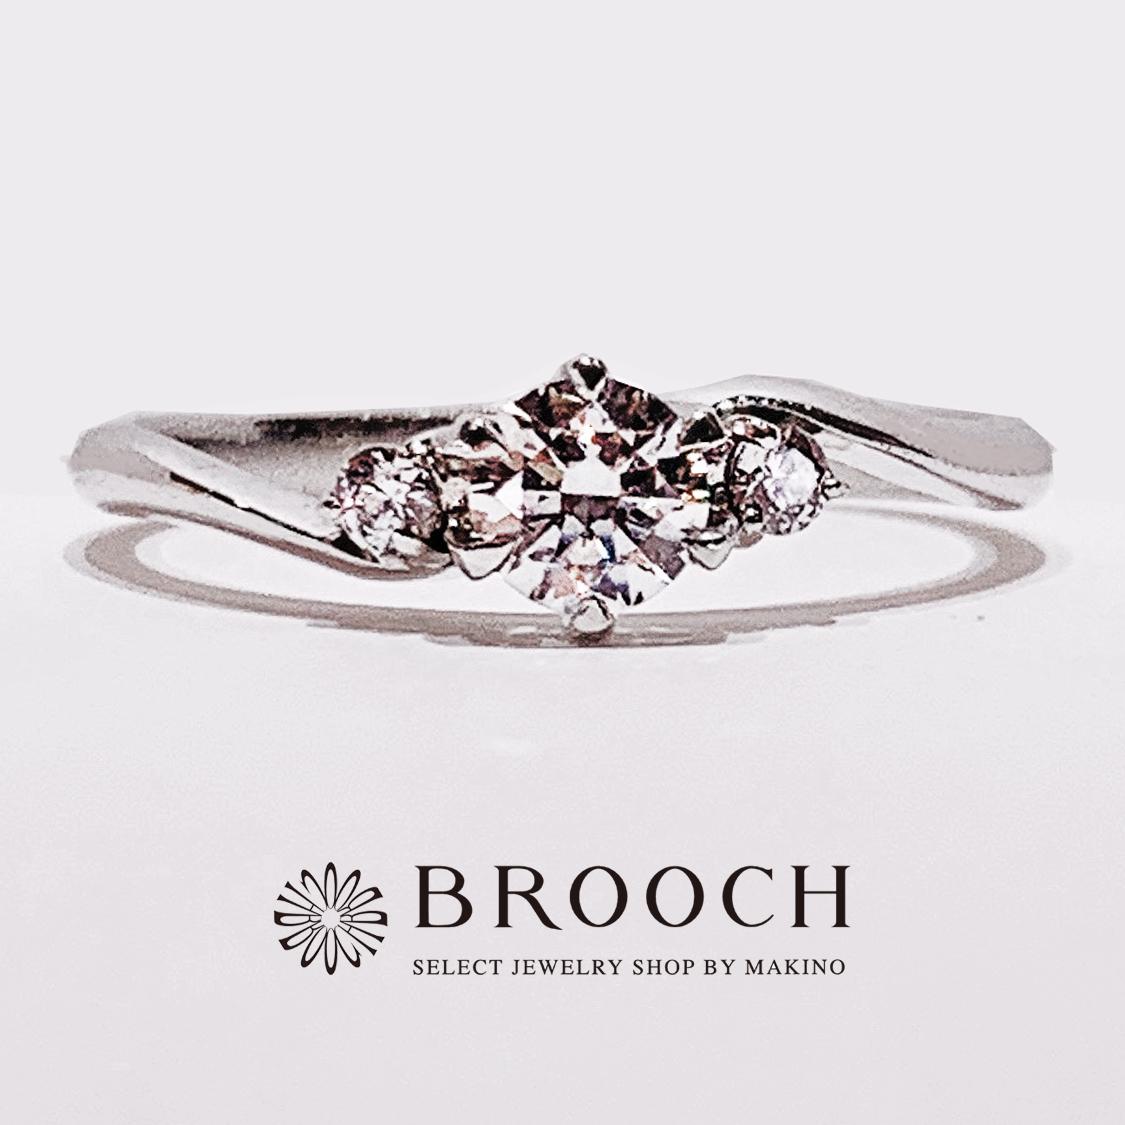 BROOCH 婚約指輪 エンゲージリング かわいい ウェーブ両サイドメレ